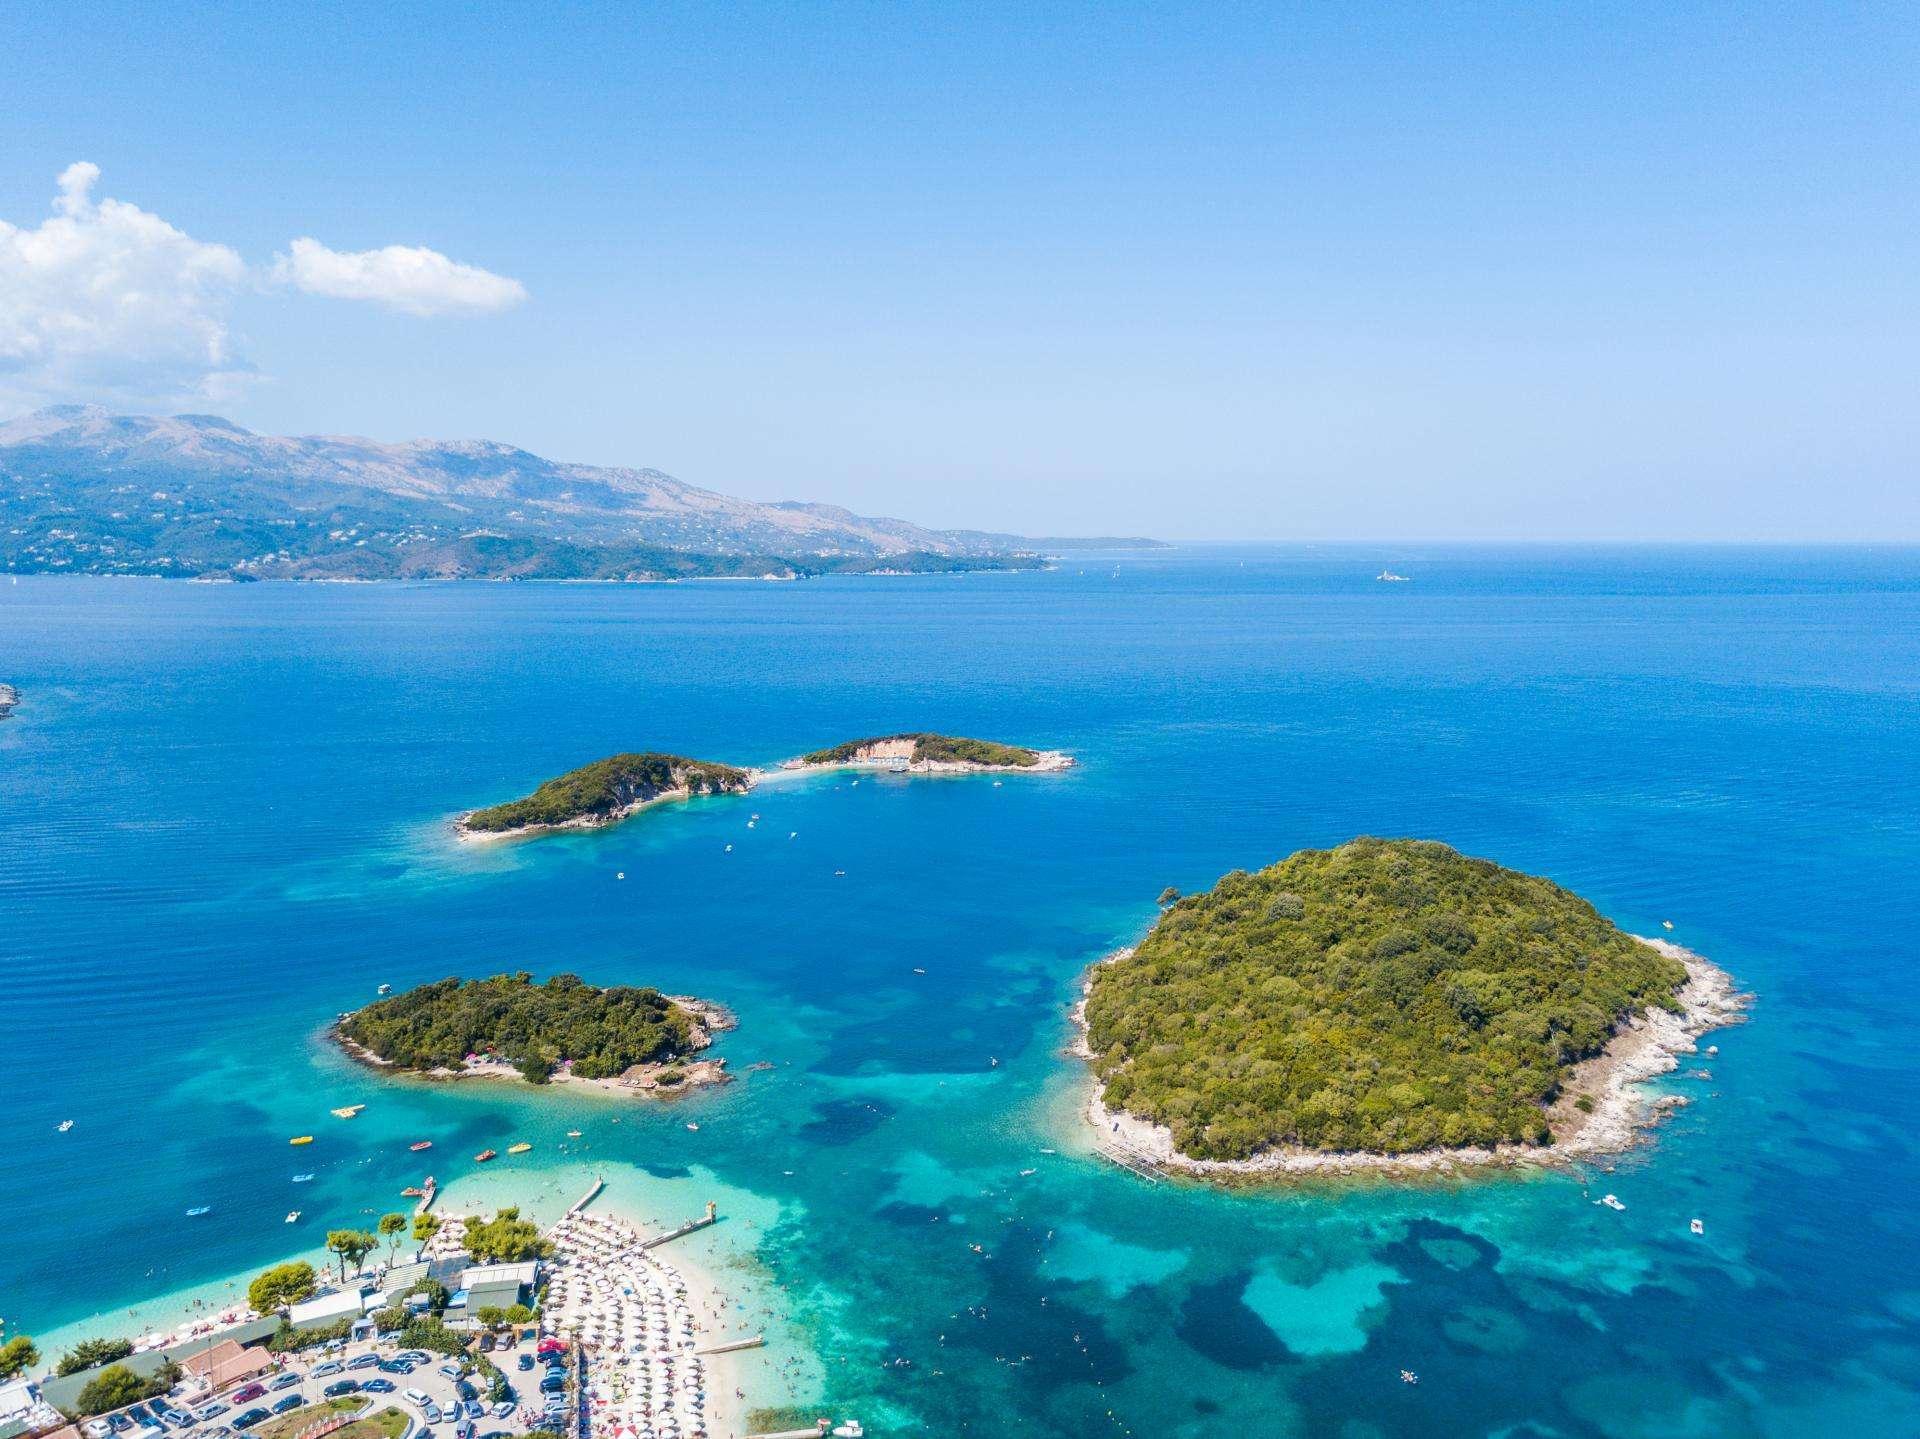 Albańskie Karaiby - Ionian